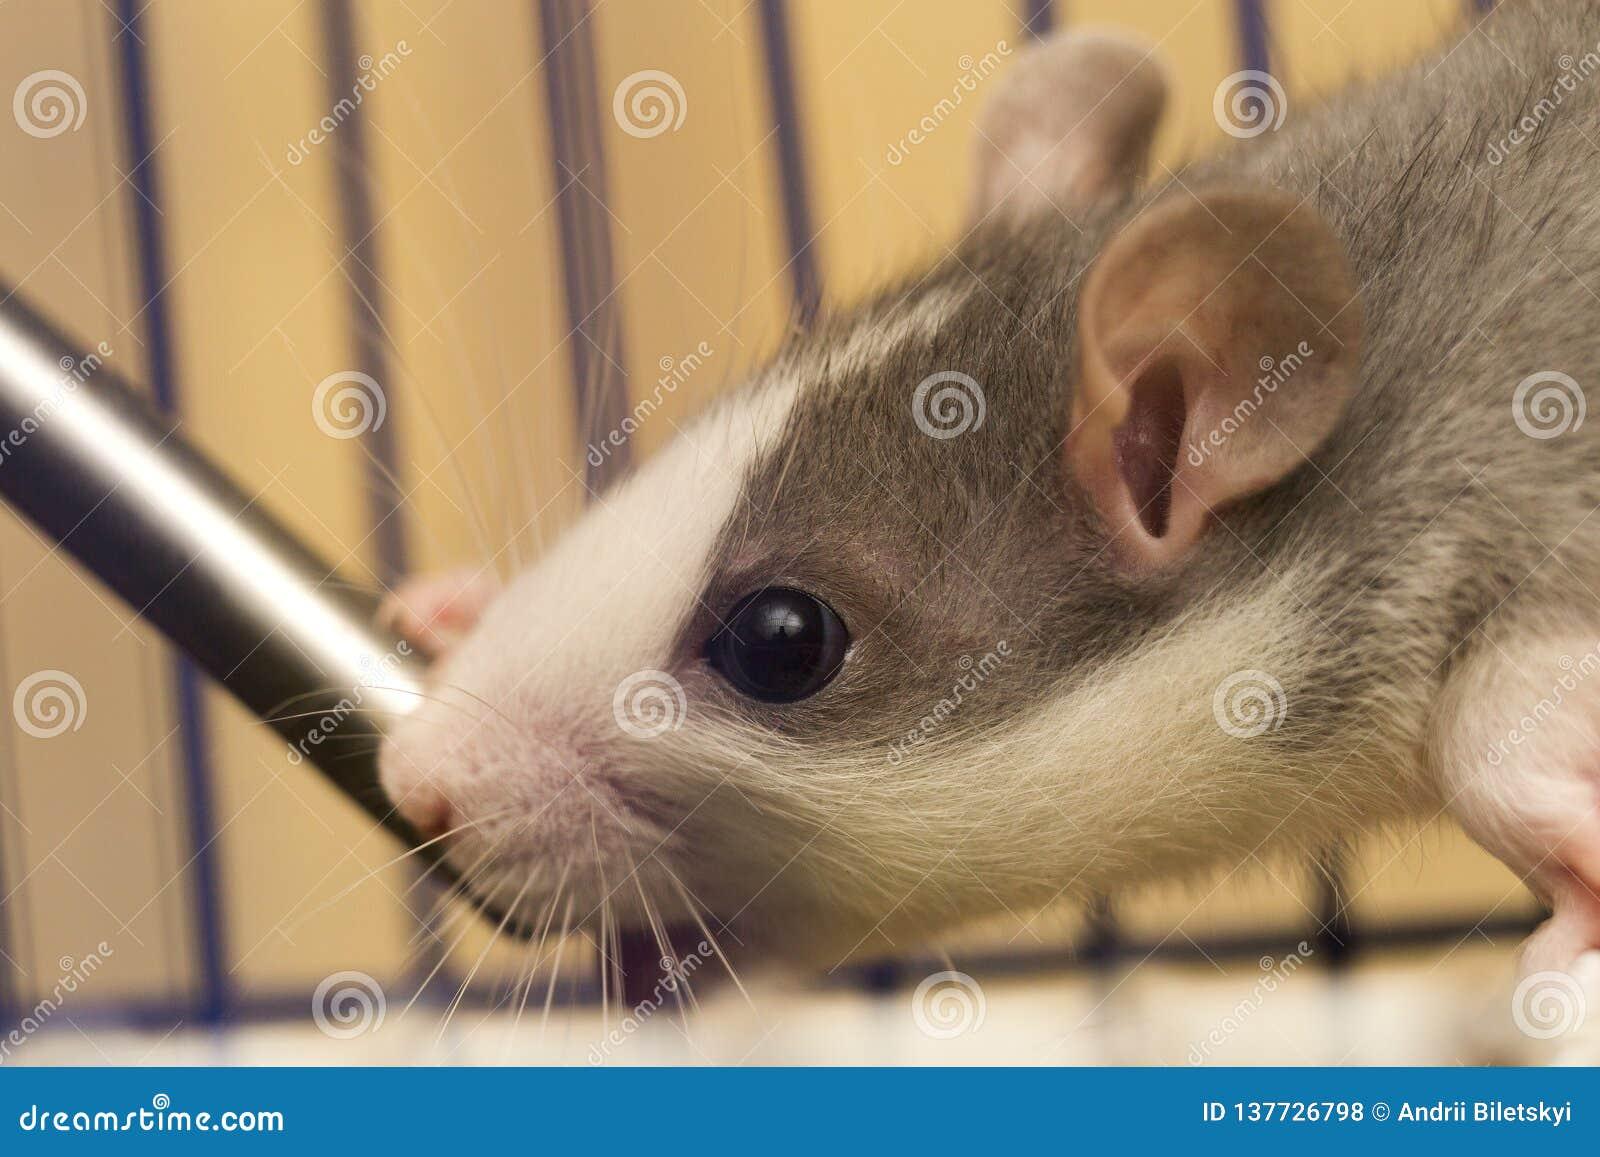 Testa del ritratto del primo piano del criceto curioso peloso addomesticato grigio bianco del topo con gli occhi brillanti su fon